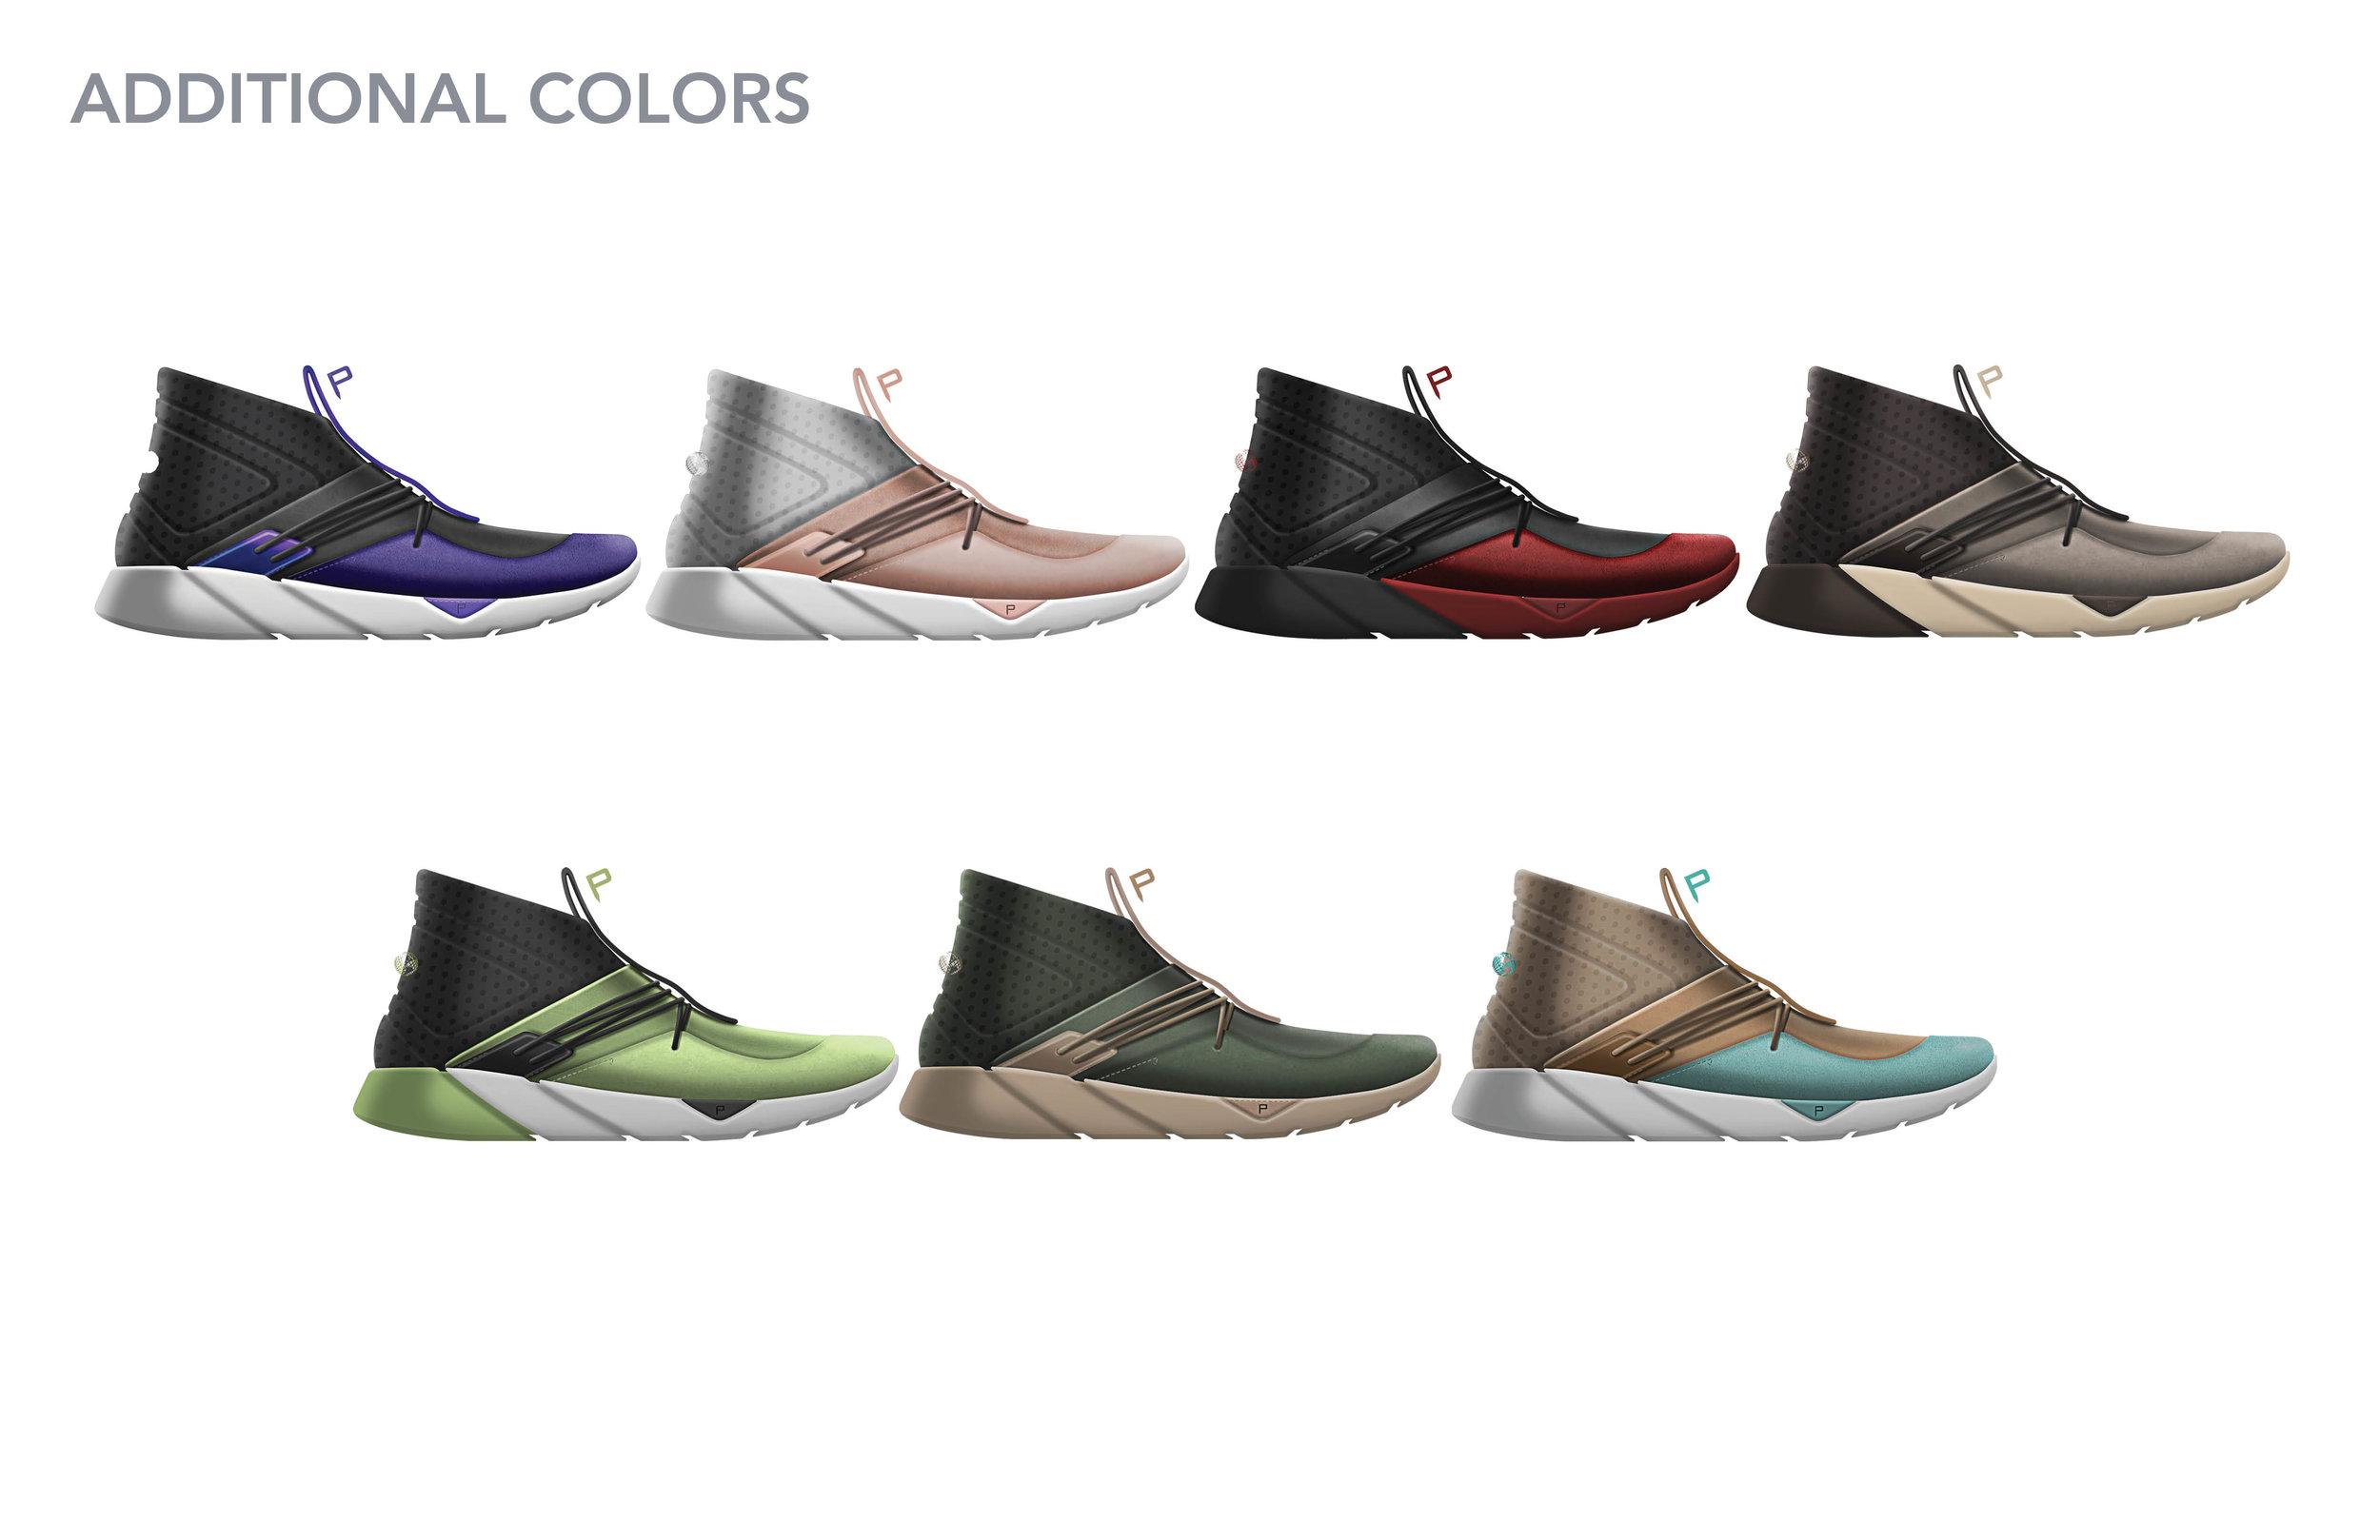 Melvin Melchor Footwear Design Portfolio 2017 V2659.jpg